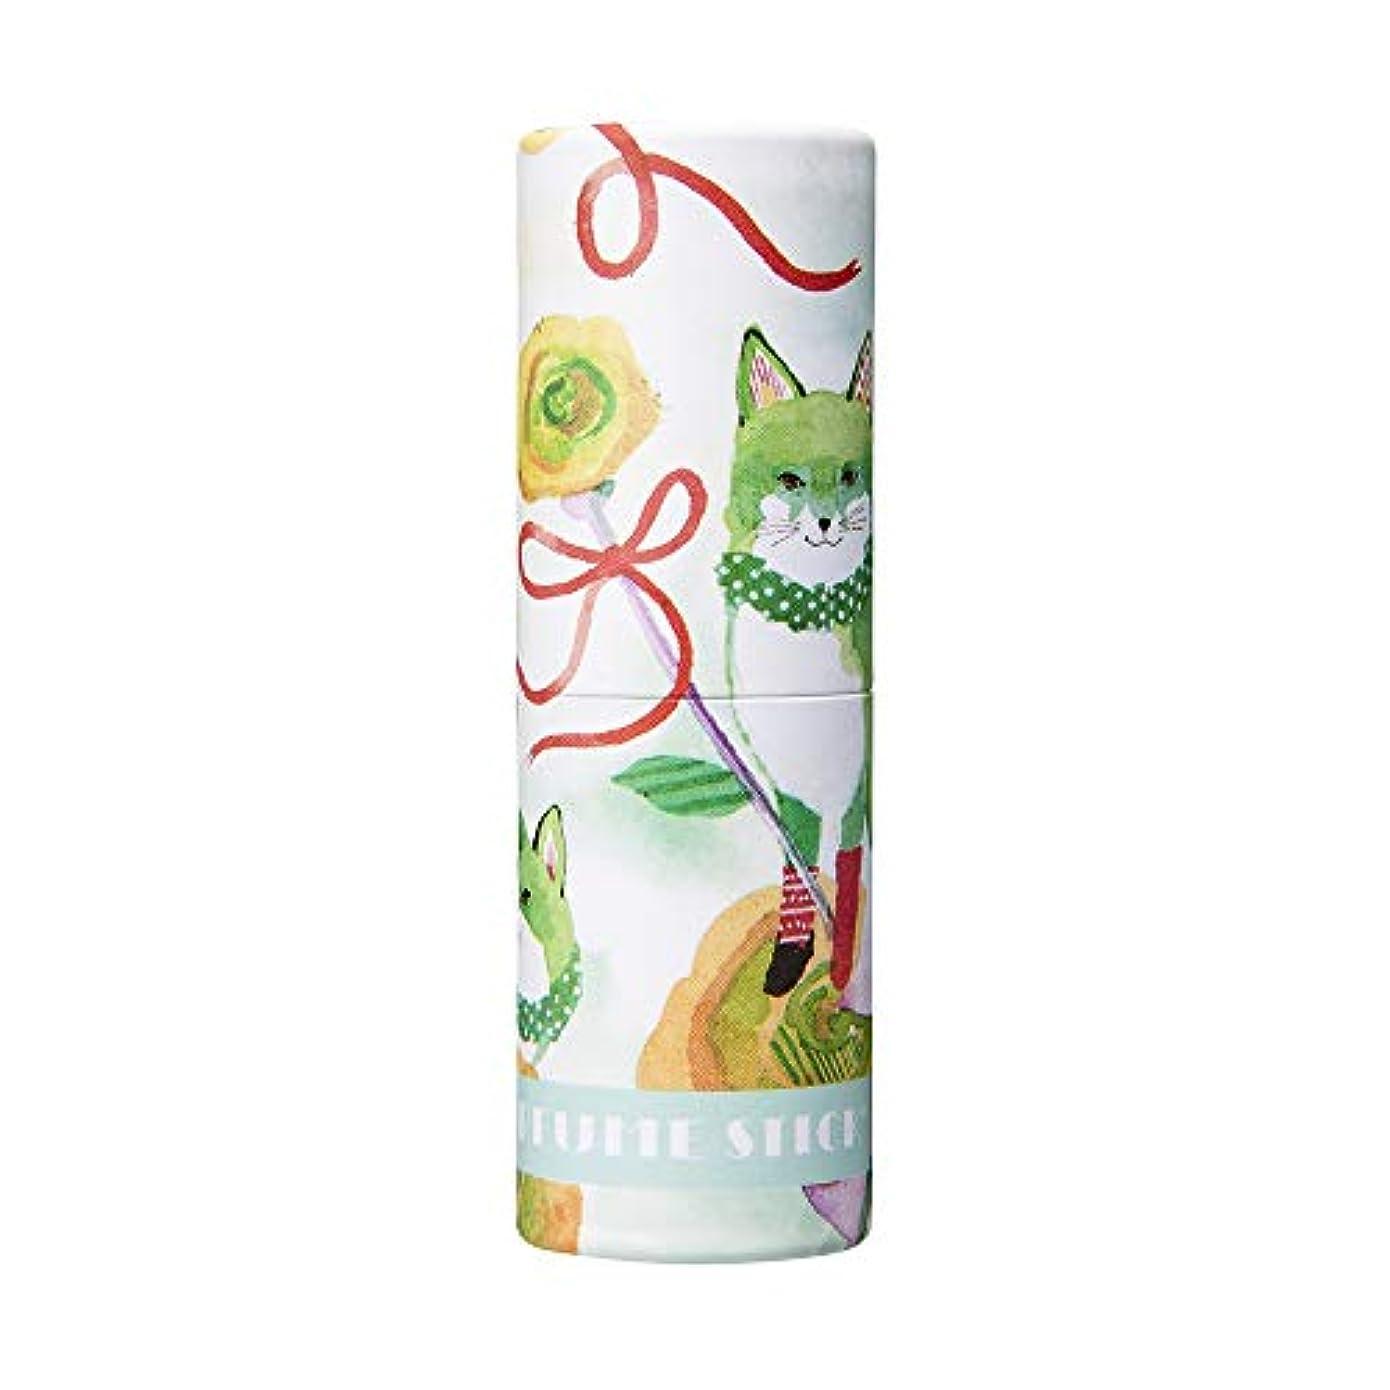 手入れコインランドリー補助パフュームスティック サンクス グリーンアップル&ムスクの香り CatoFriendデザイン 5g